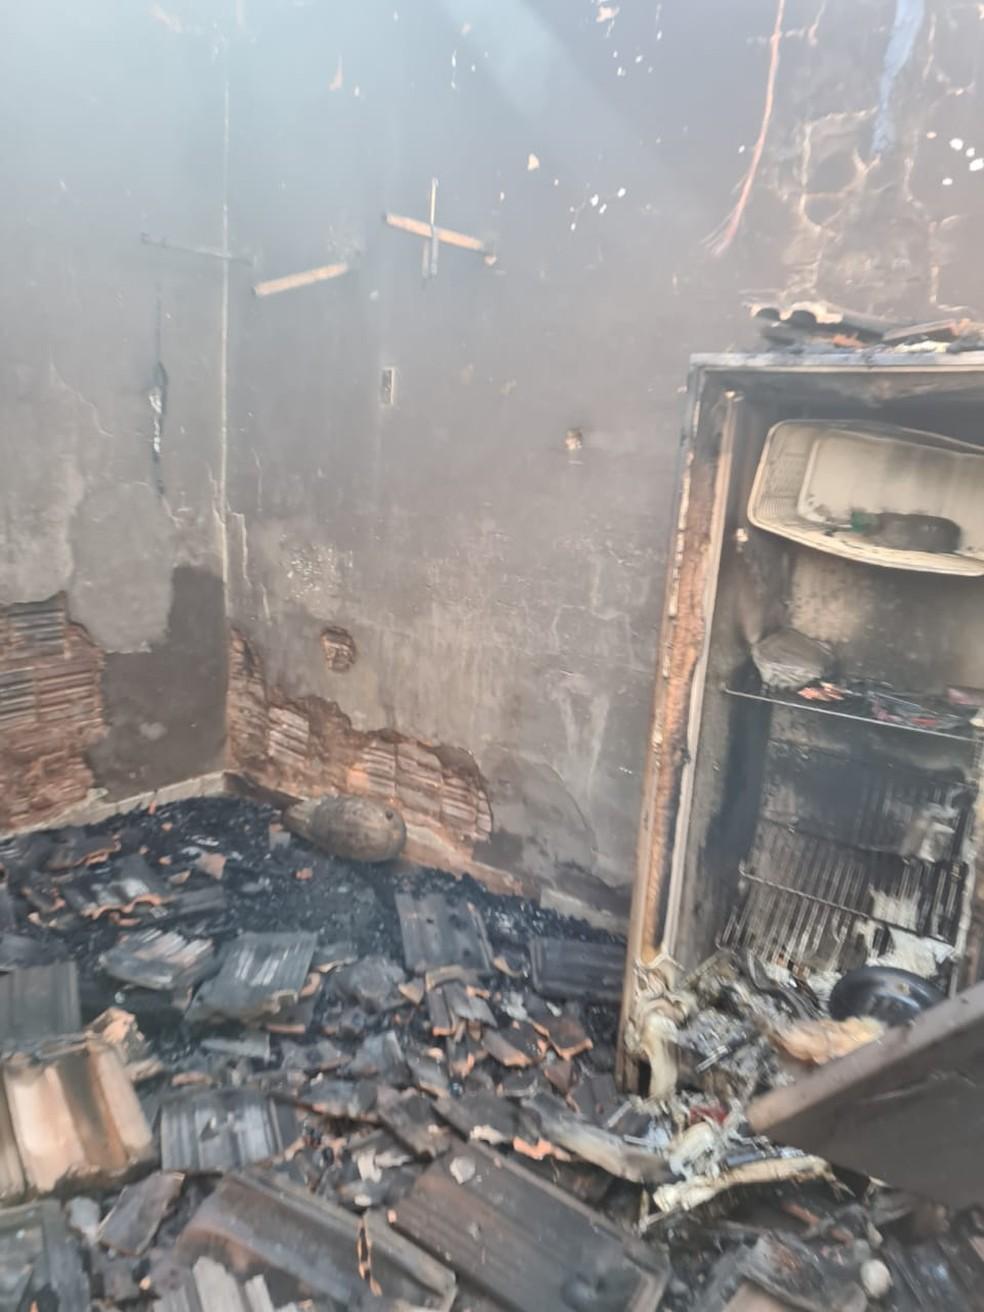 Vários pertences do morador, dentre eles uma geladeira, foram consumidos pelo incêndio — Foto: João Trentini/Divulgação